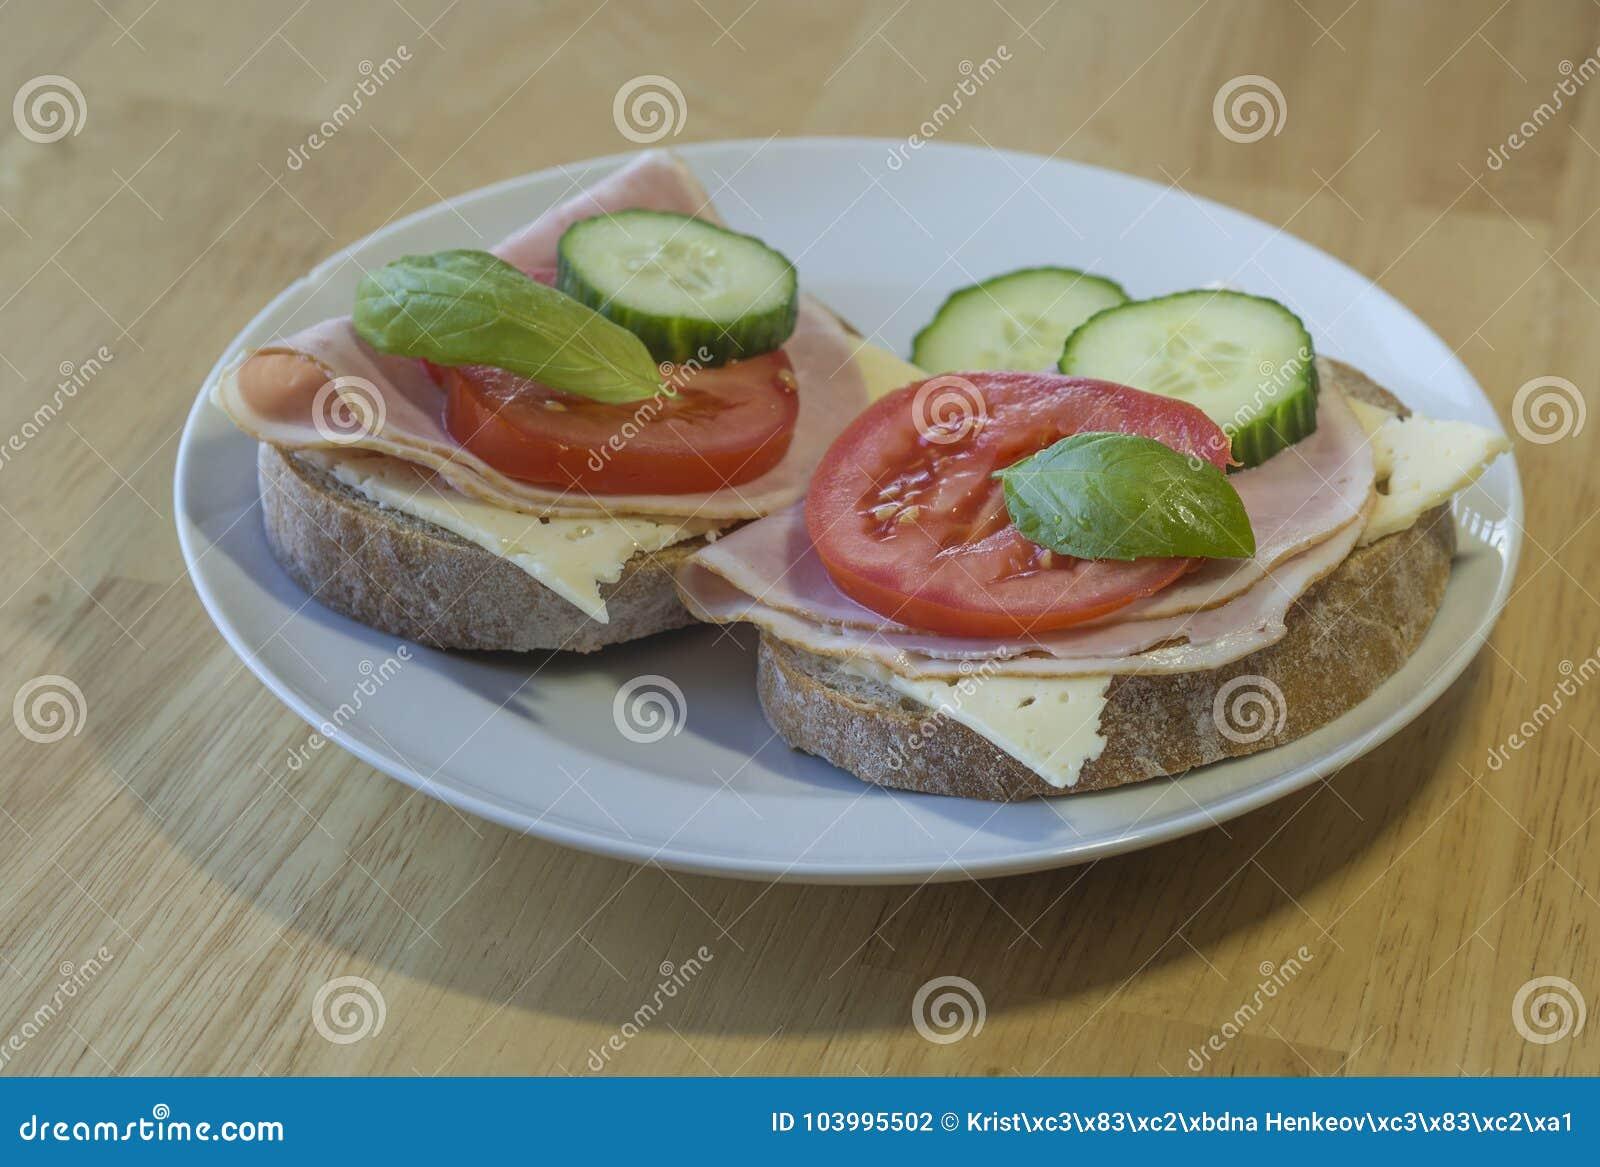 Feche acima do sanduíche feito home fresco do pão de centeio com o queijo do presunto slic